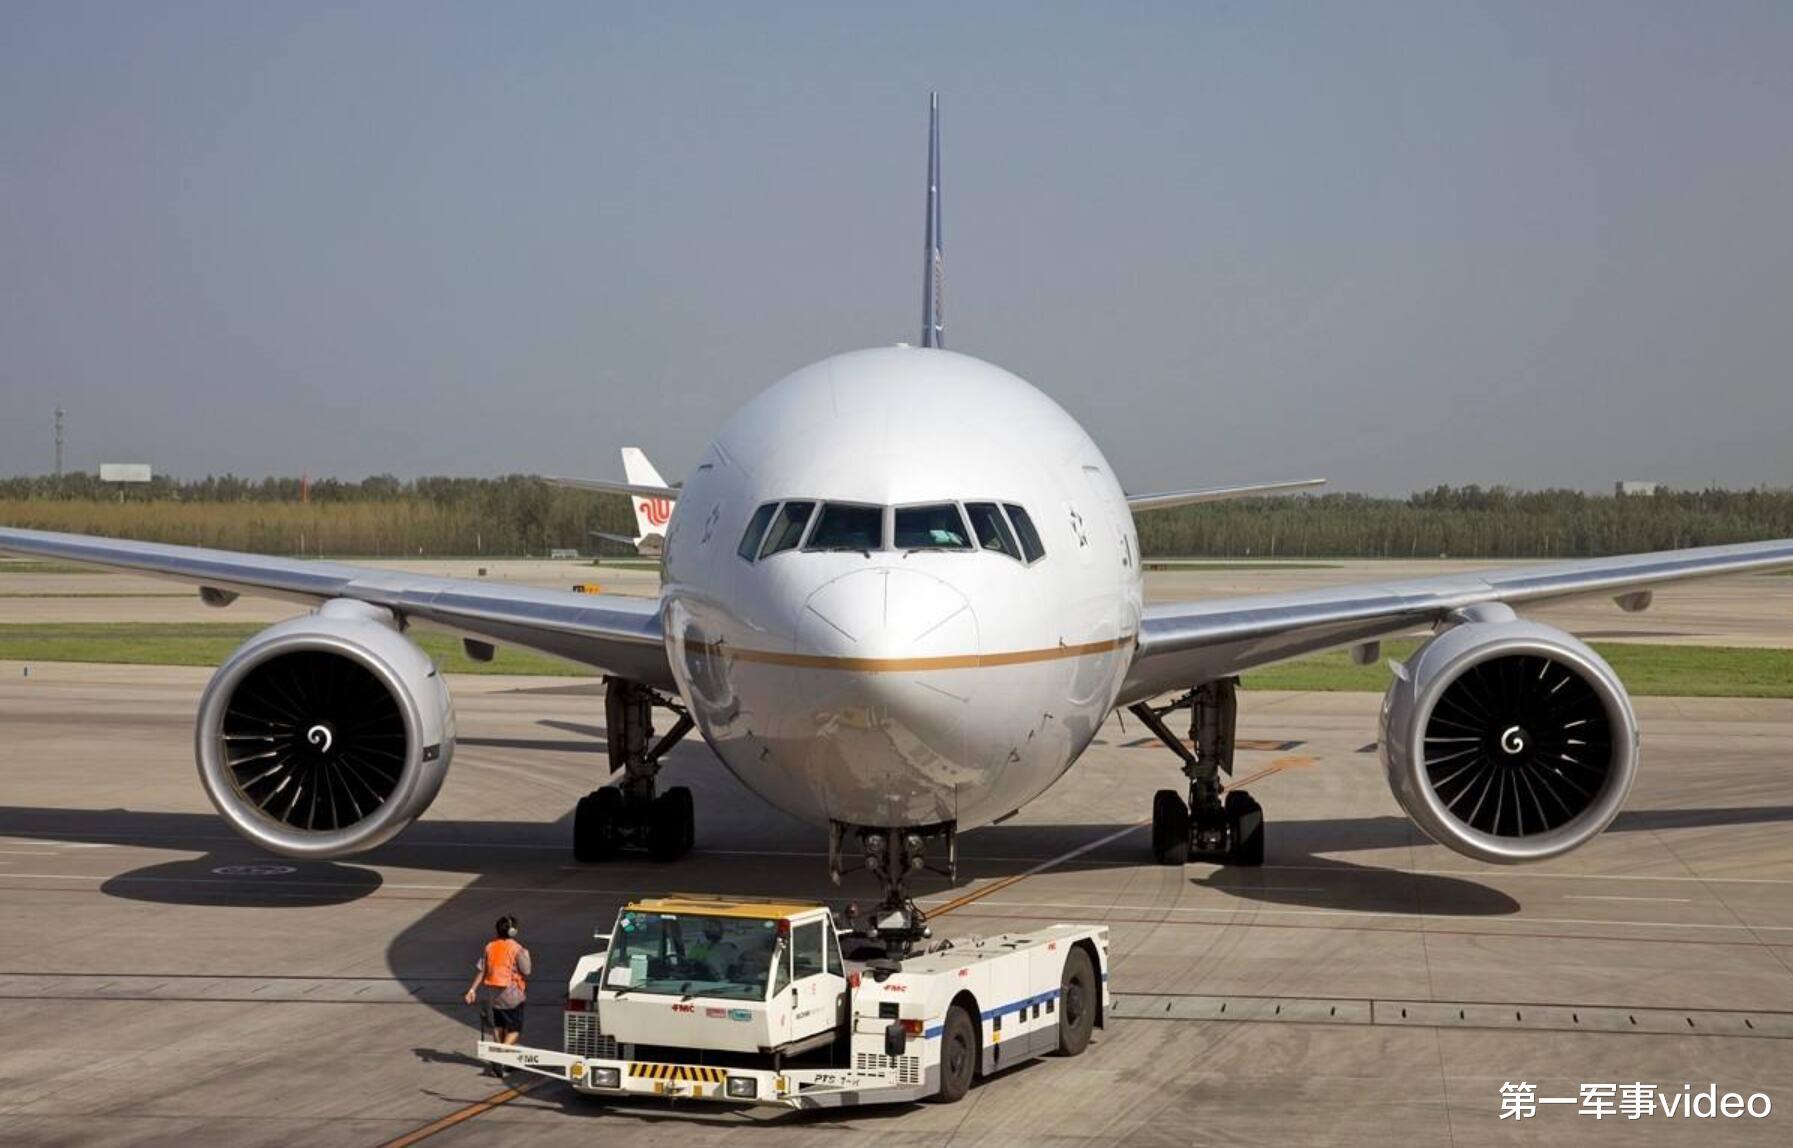 美國航空業遭遇重創,希望再援助1700億,否則三萬人員將失業-圖2